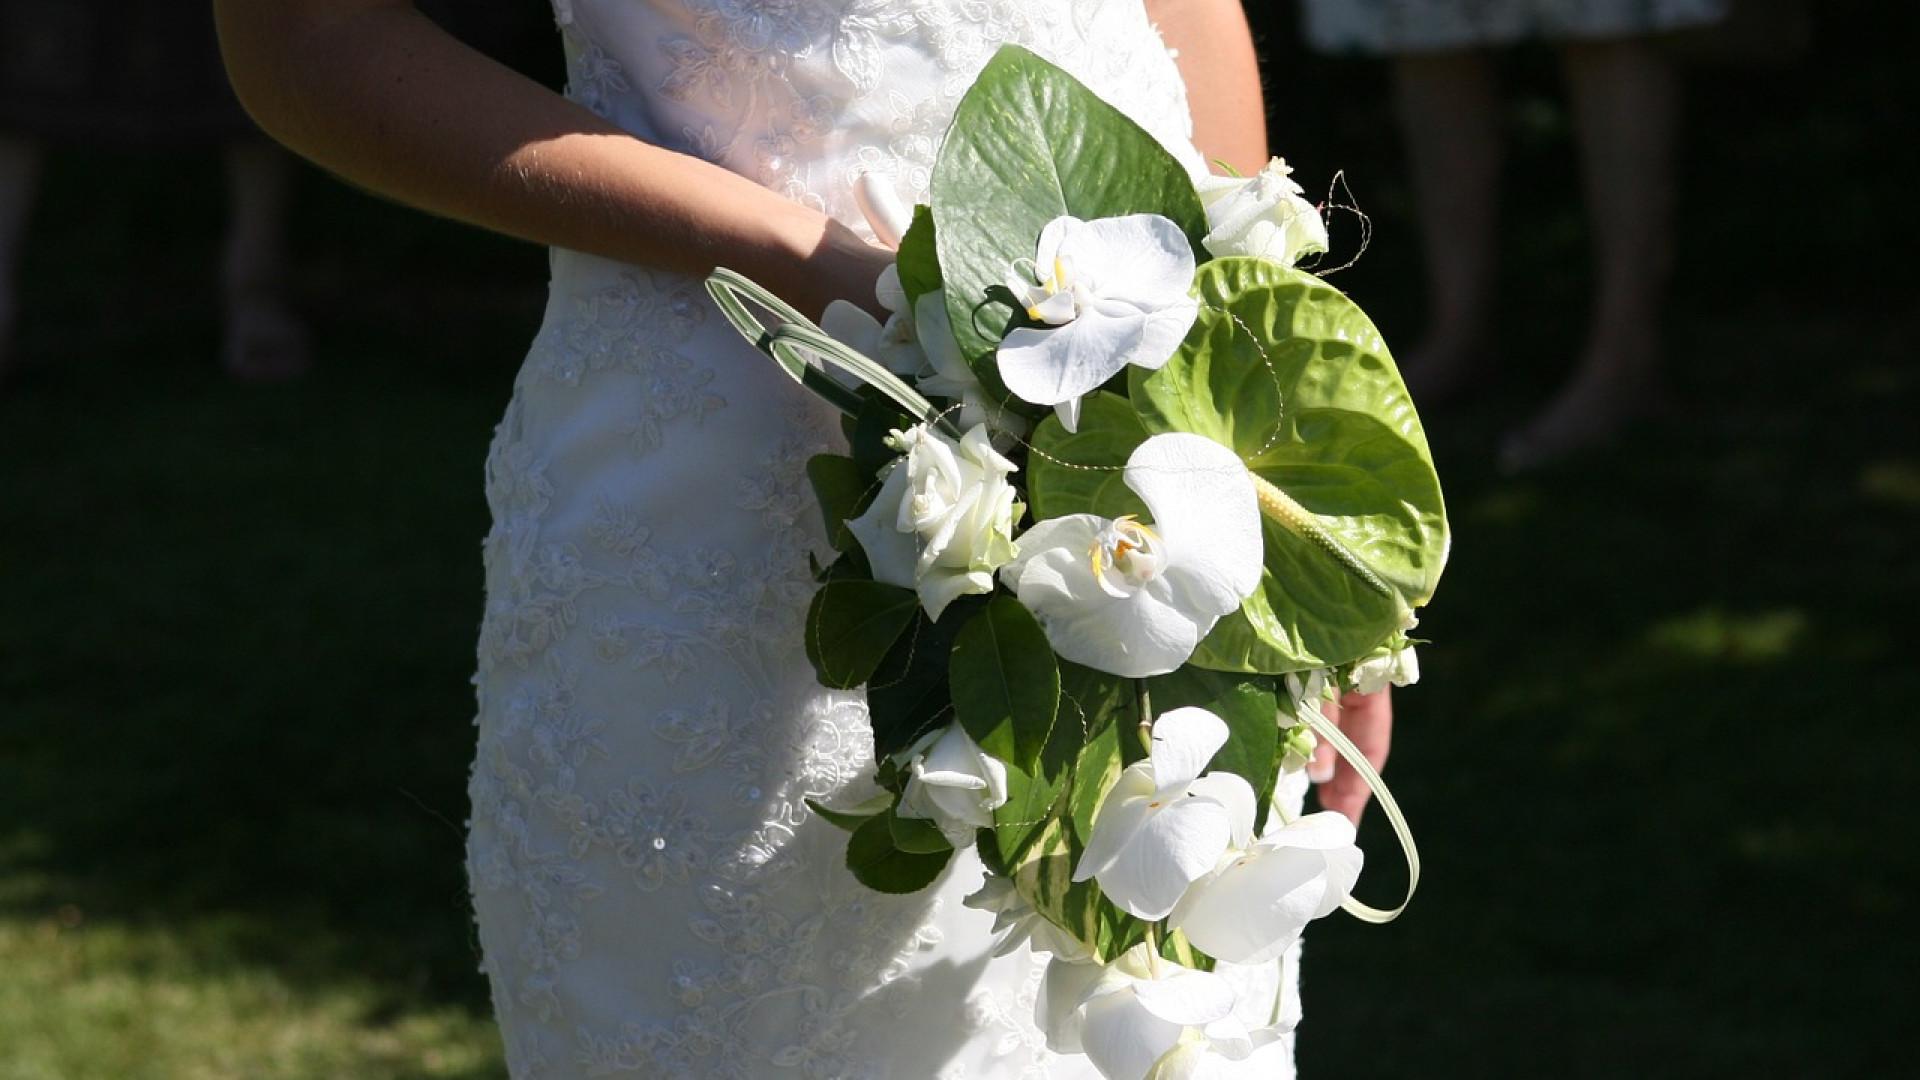 60ad2545ad4ded0181650fc73739dcdd - Votre amour est éternel alors votre photo de mariage doit l'être aussi